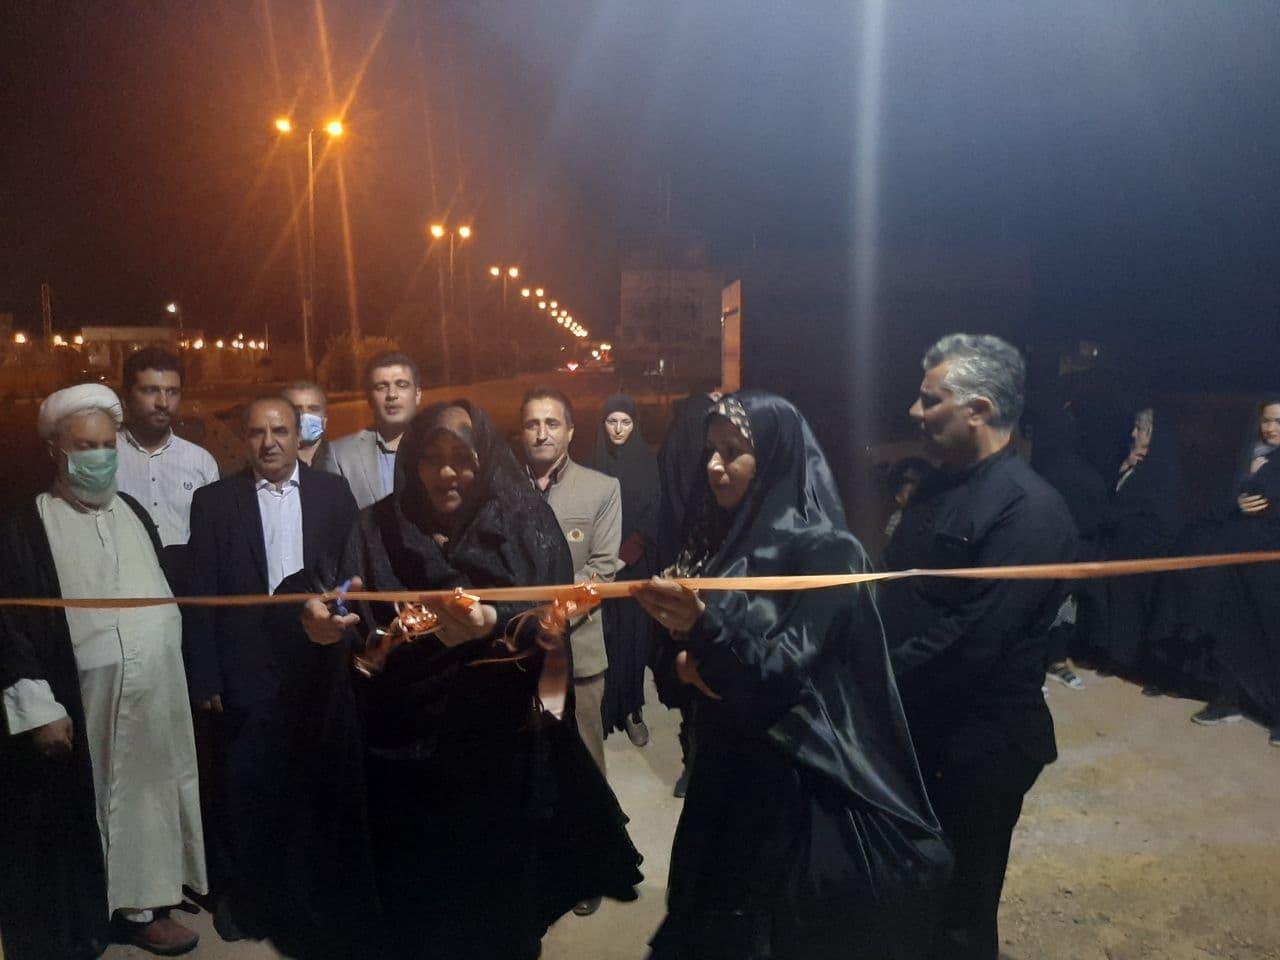 گزارش تصویری از :   افتتاح پیاده_راه_سلامت همراه با جشن میلاد امام رضا علیه السلام در پارک زنده یاد